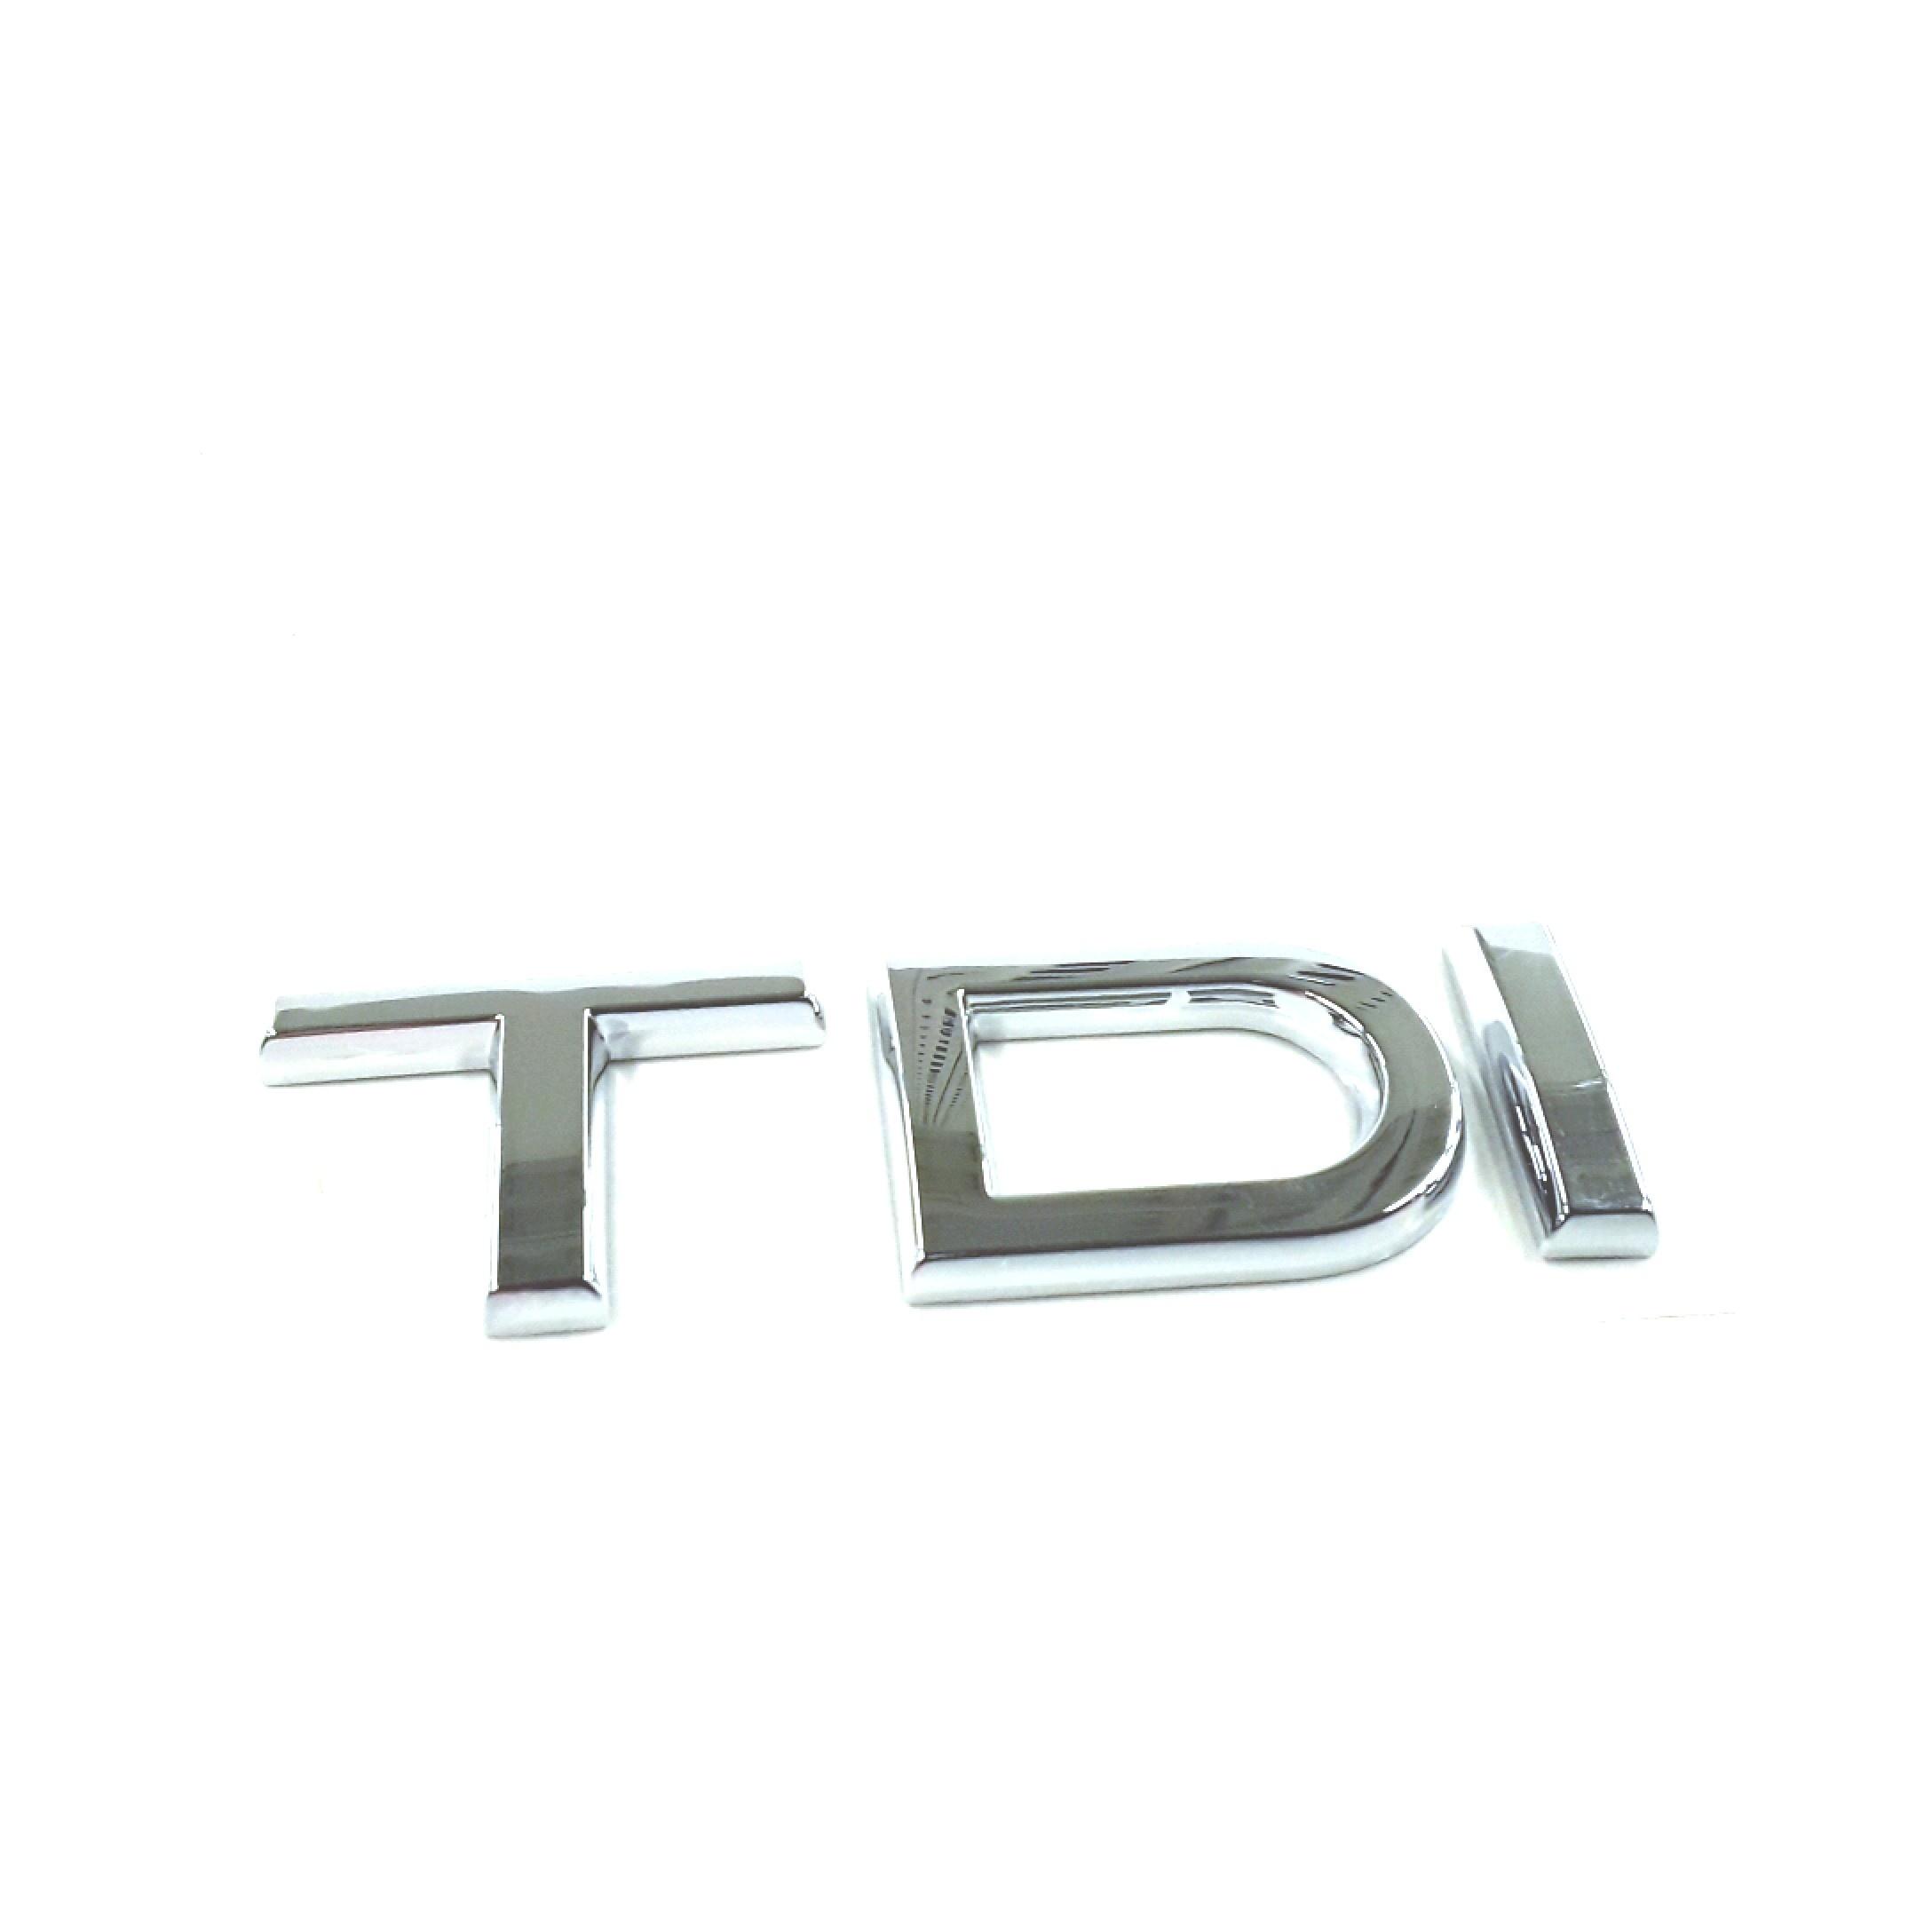 Thule Roof Racks Guide covering Audi car models